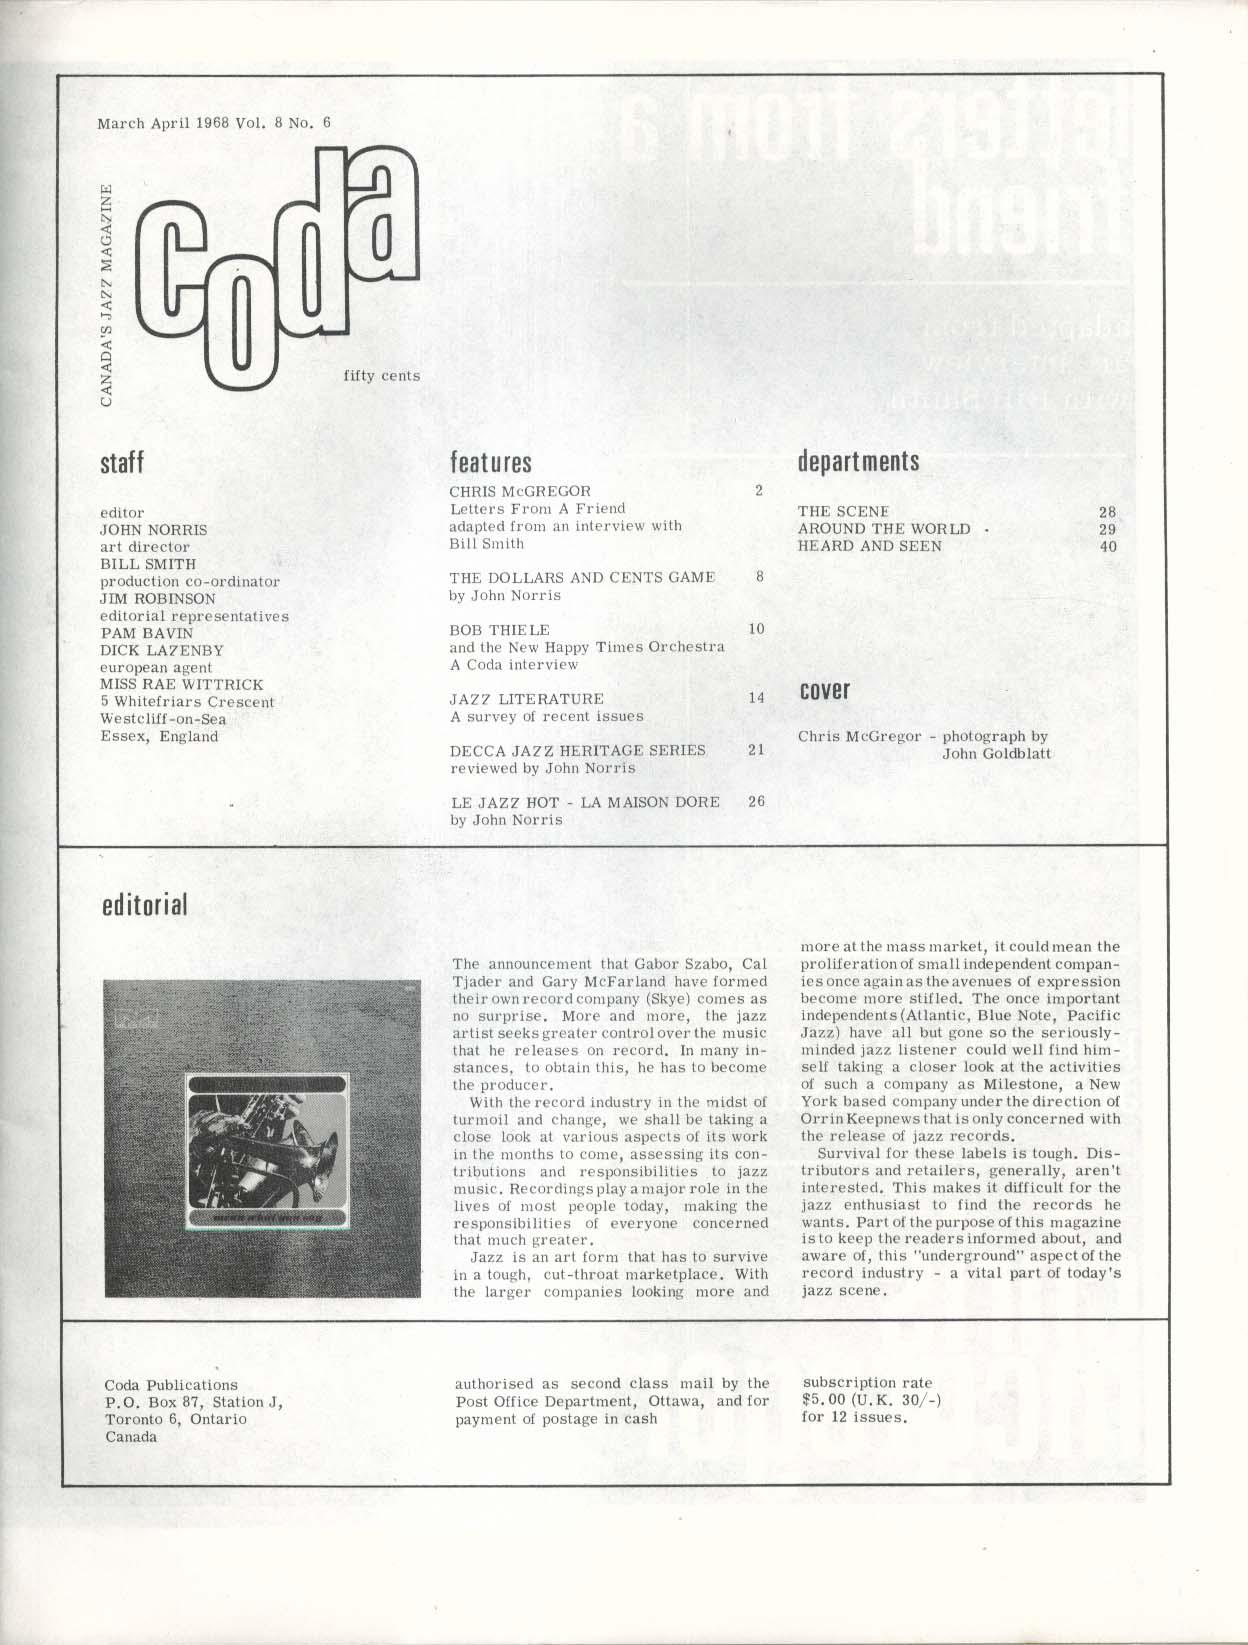 CODA Chris McGregor Bob Thiele Le Jazz Hot La Maison Dore 3 1968